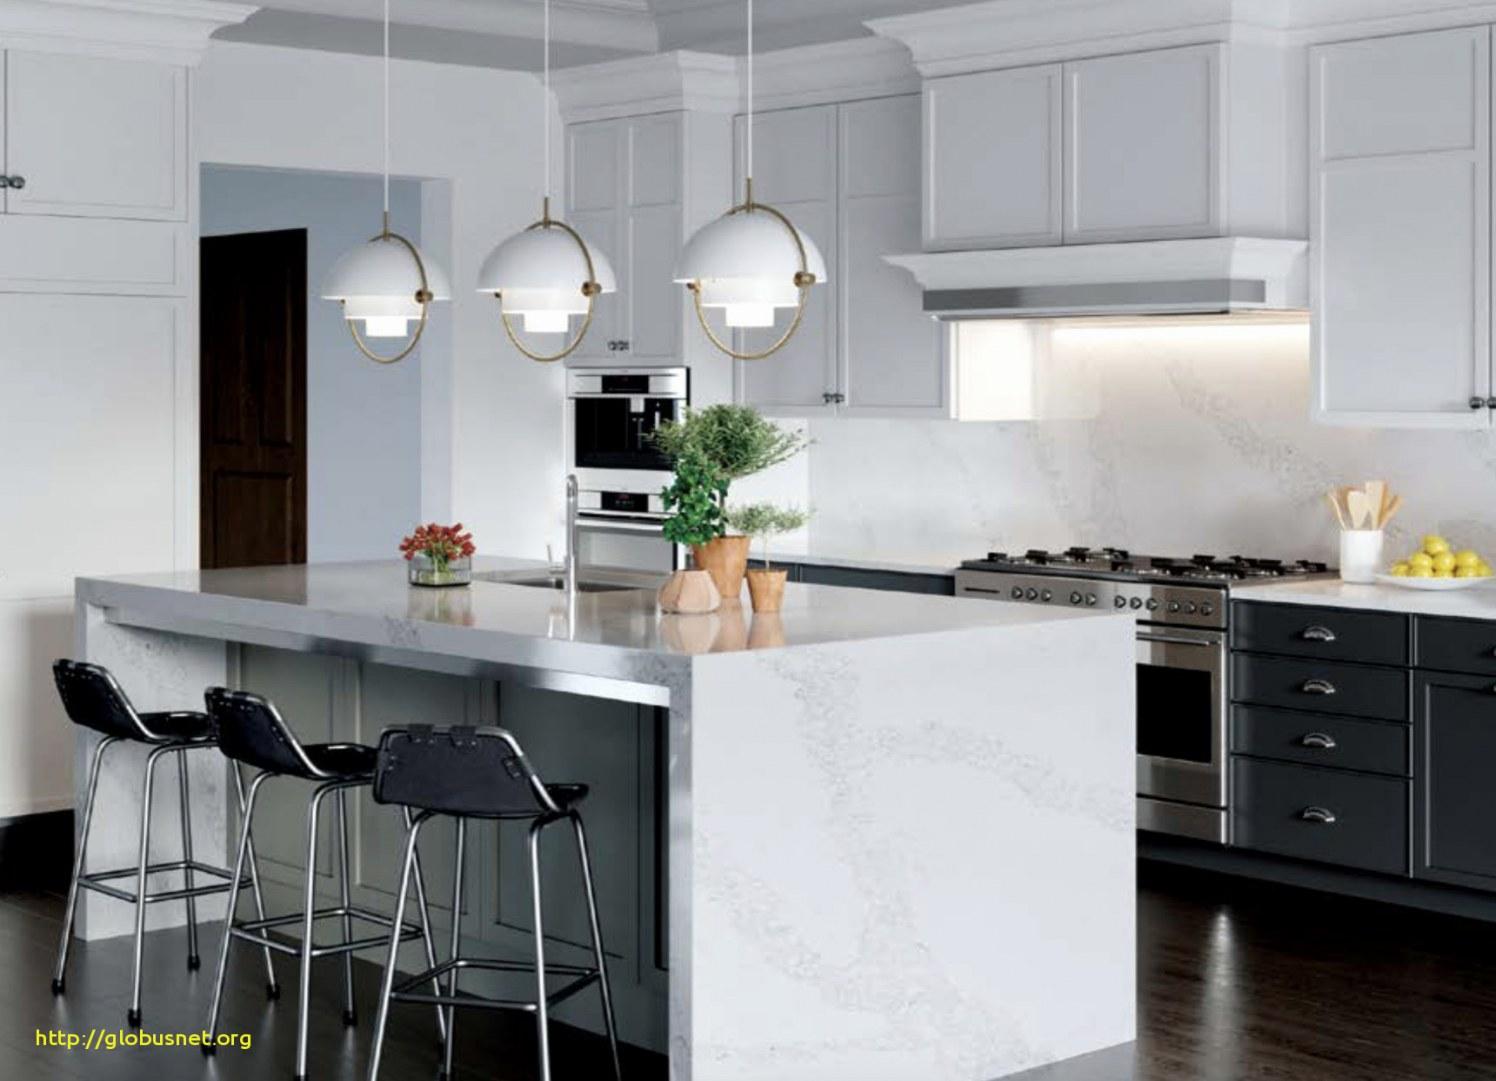 white brick backsplash in kitchen elegant kitchen backsplash with oak cabinets of white brick backsplash in kitchen 1